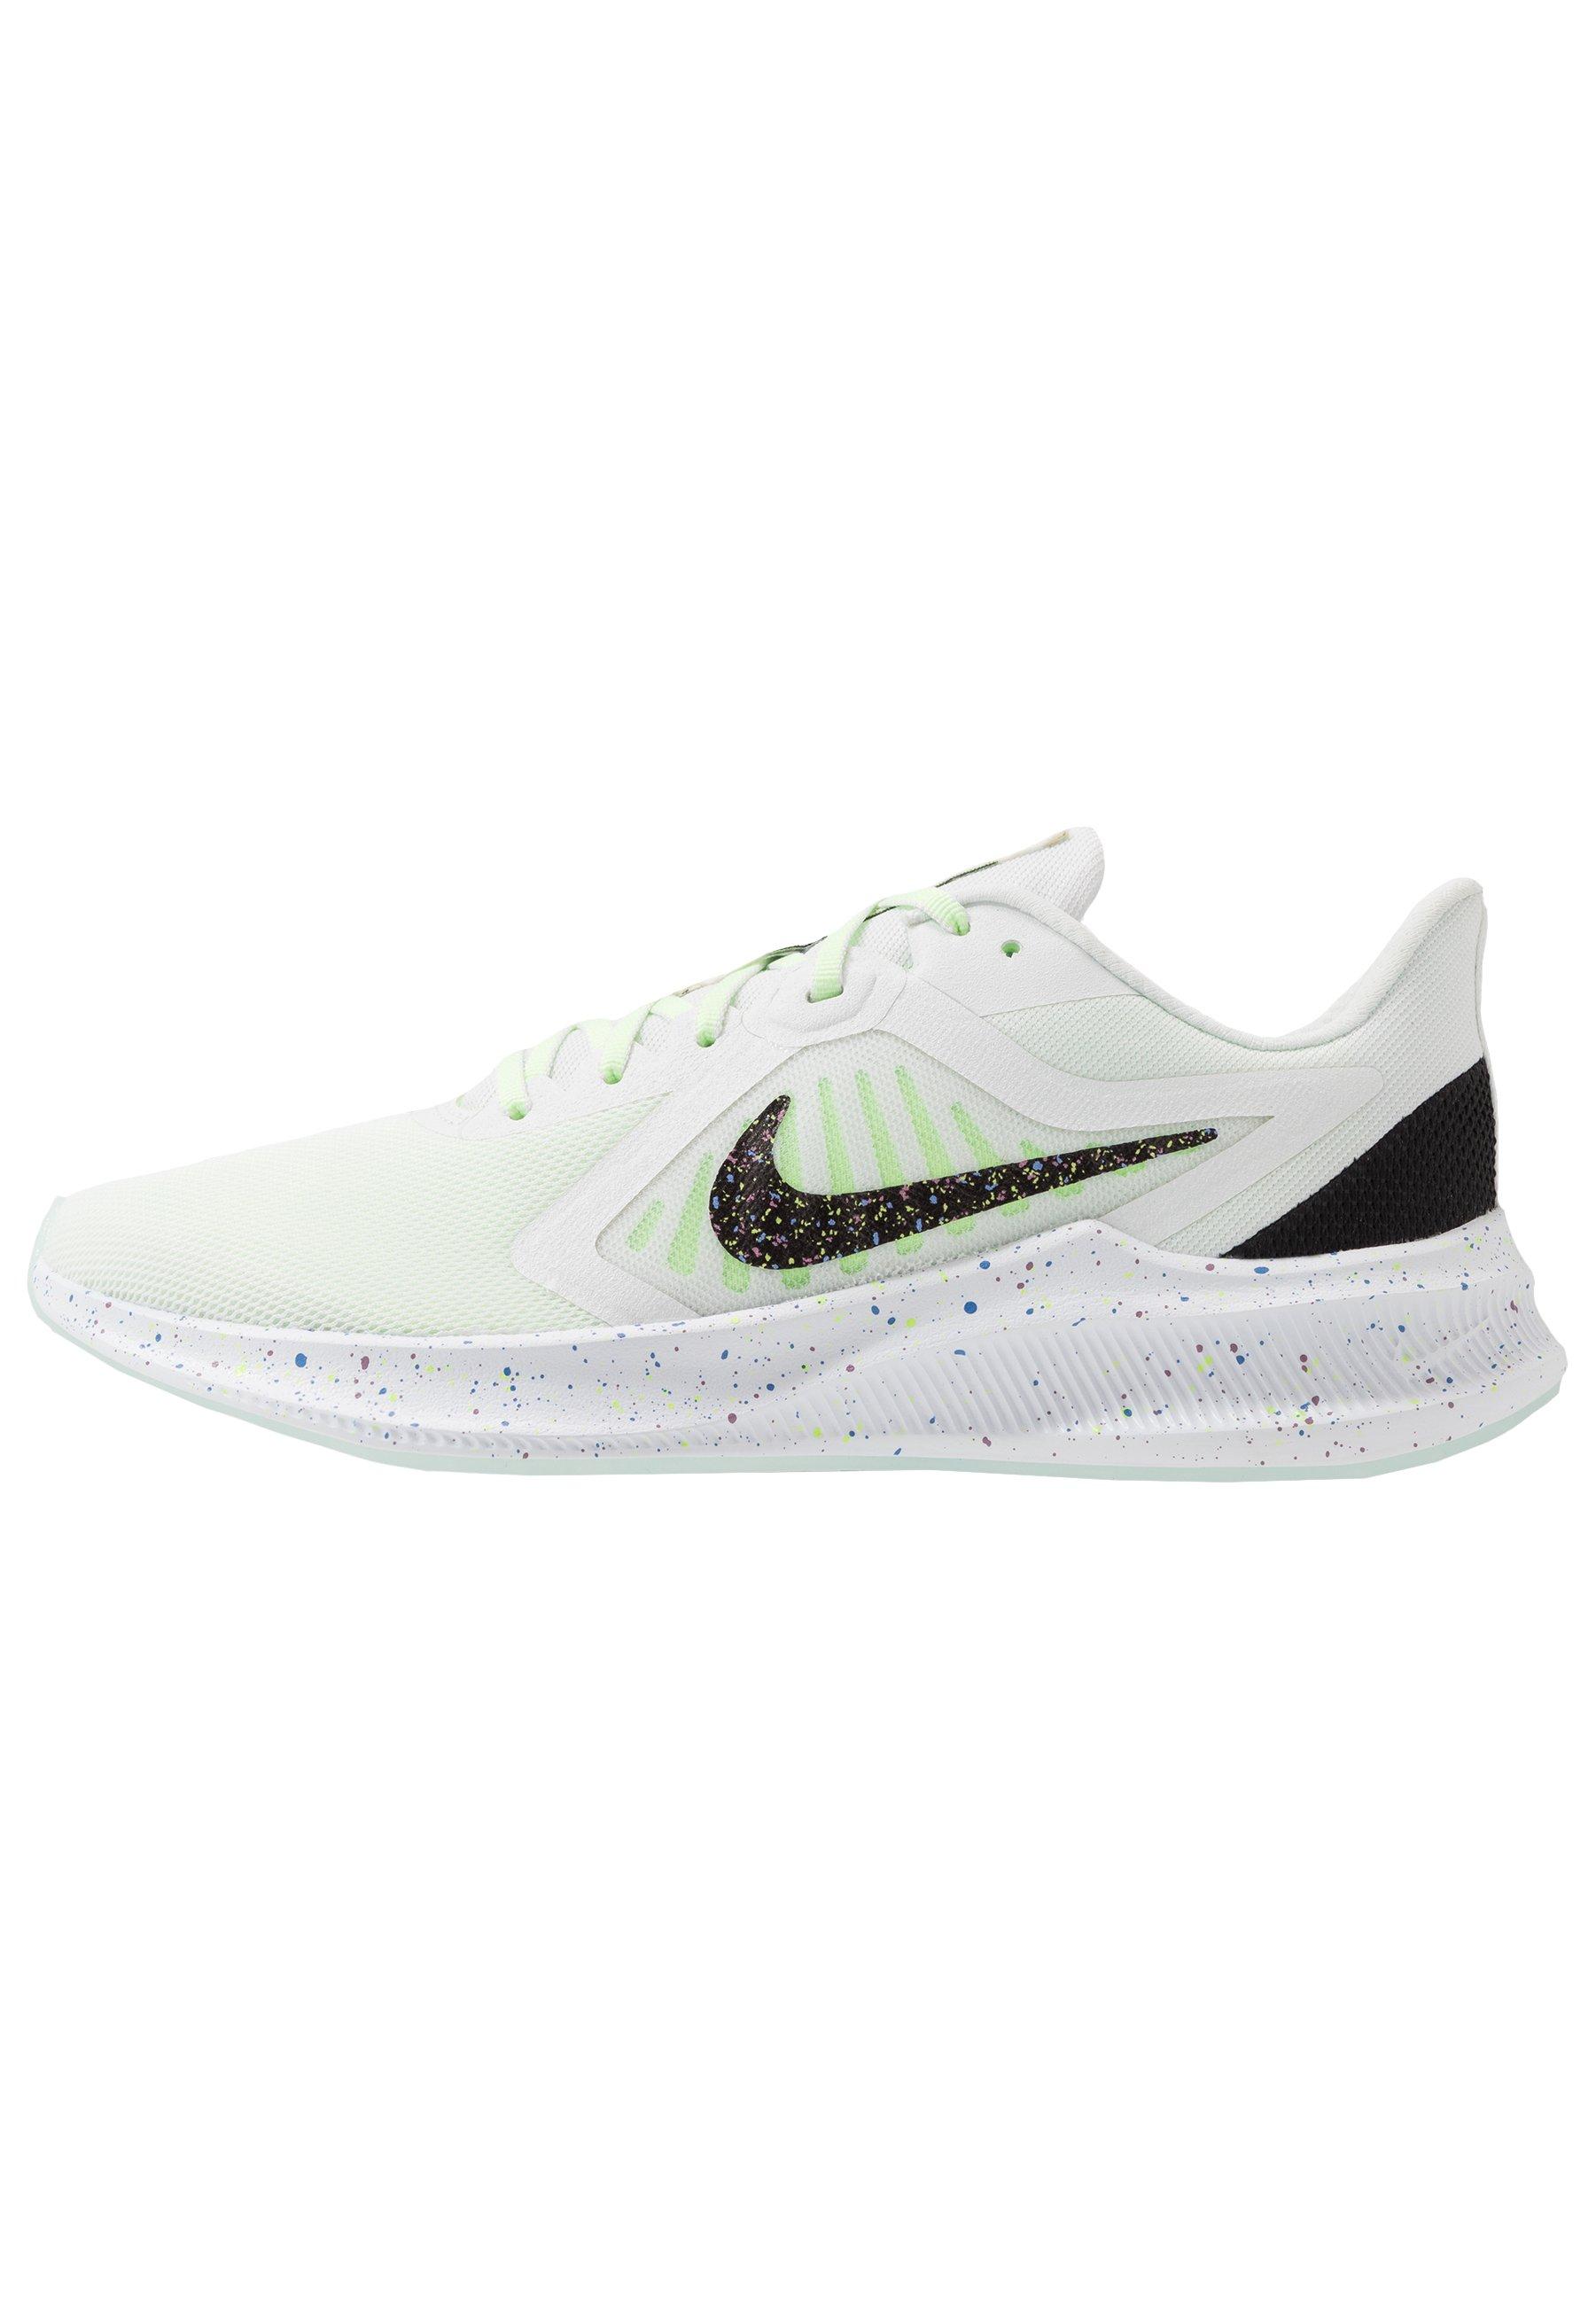 Chaussures de running femme | Tous les articles chez Zalando